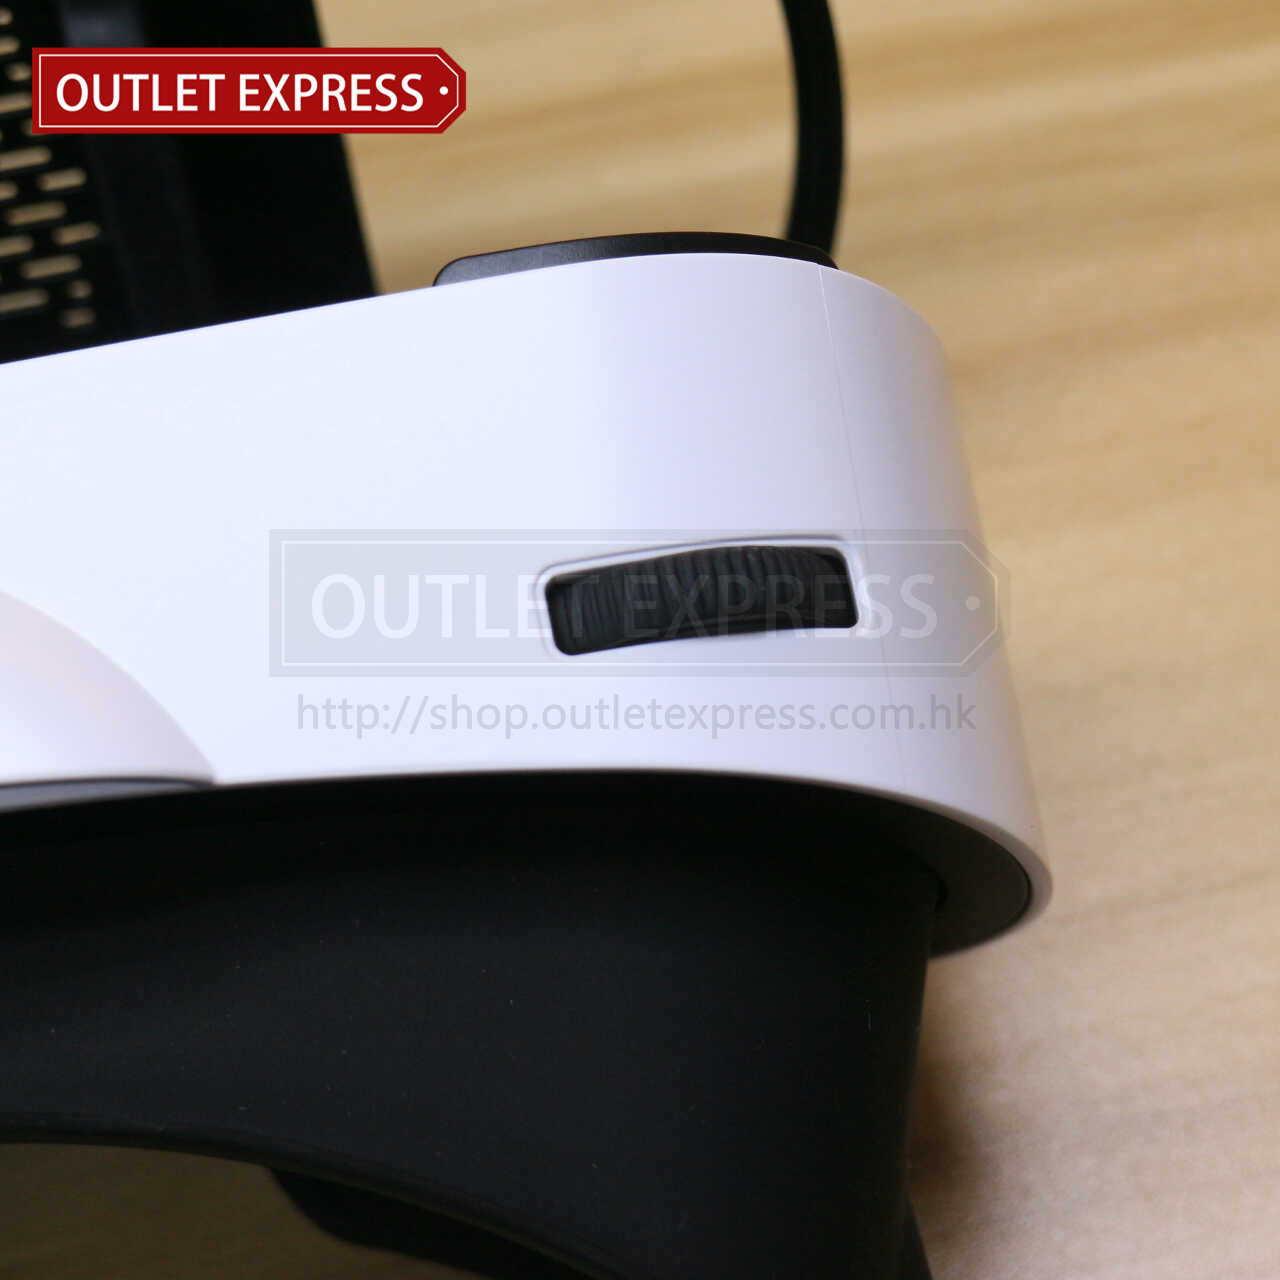 暴風魔鏡4  VR虛擬實境眼鏡 - Outlet Express HK生活百貨城實拍相片